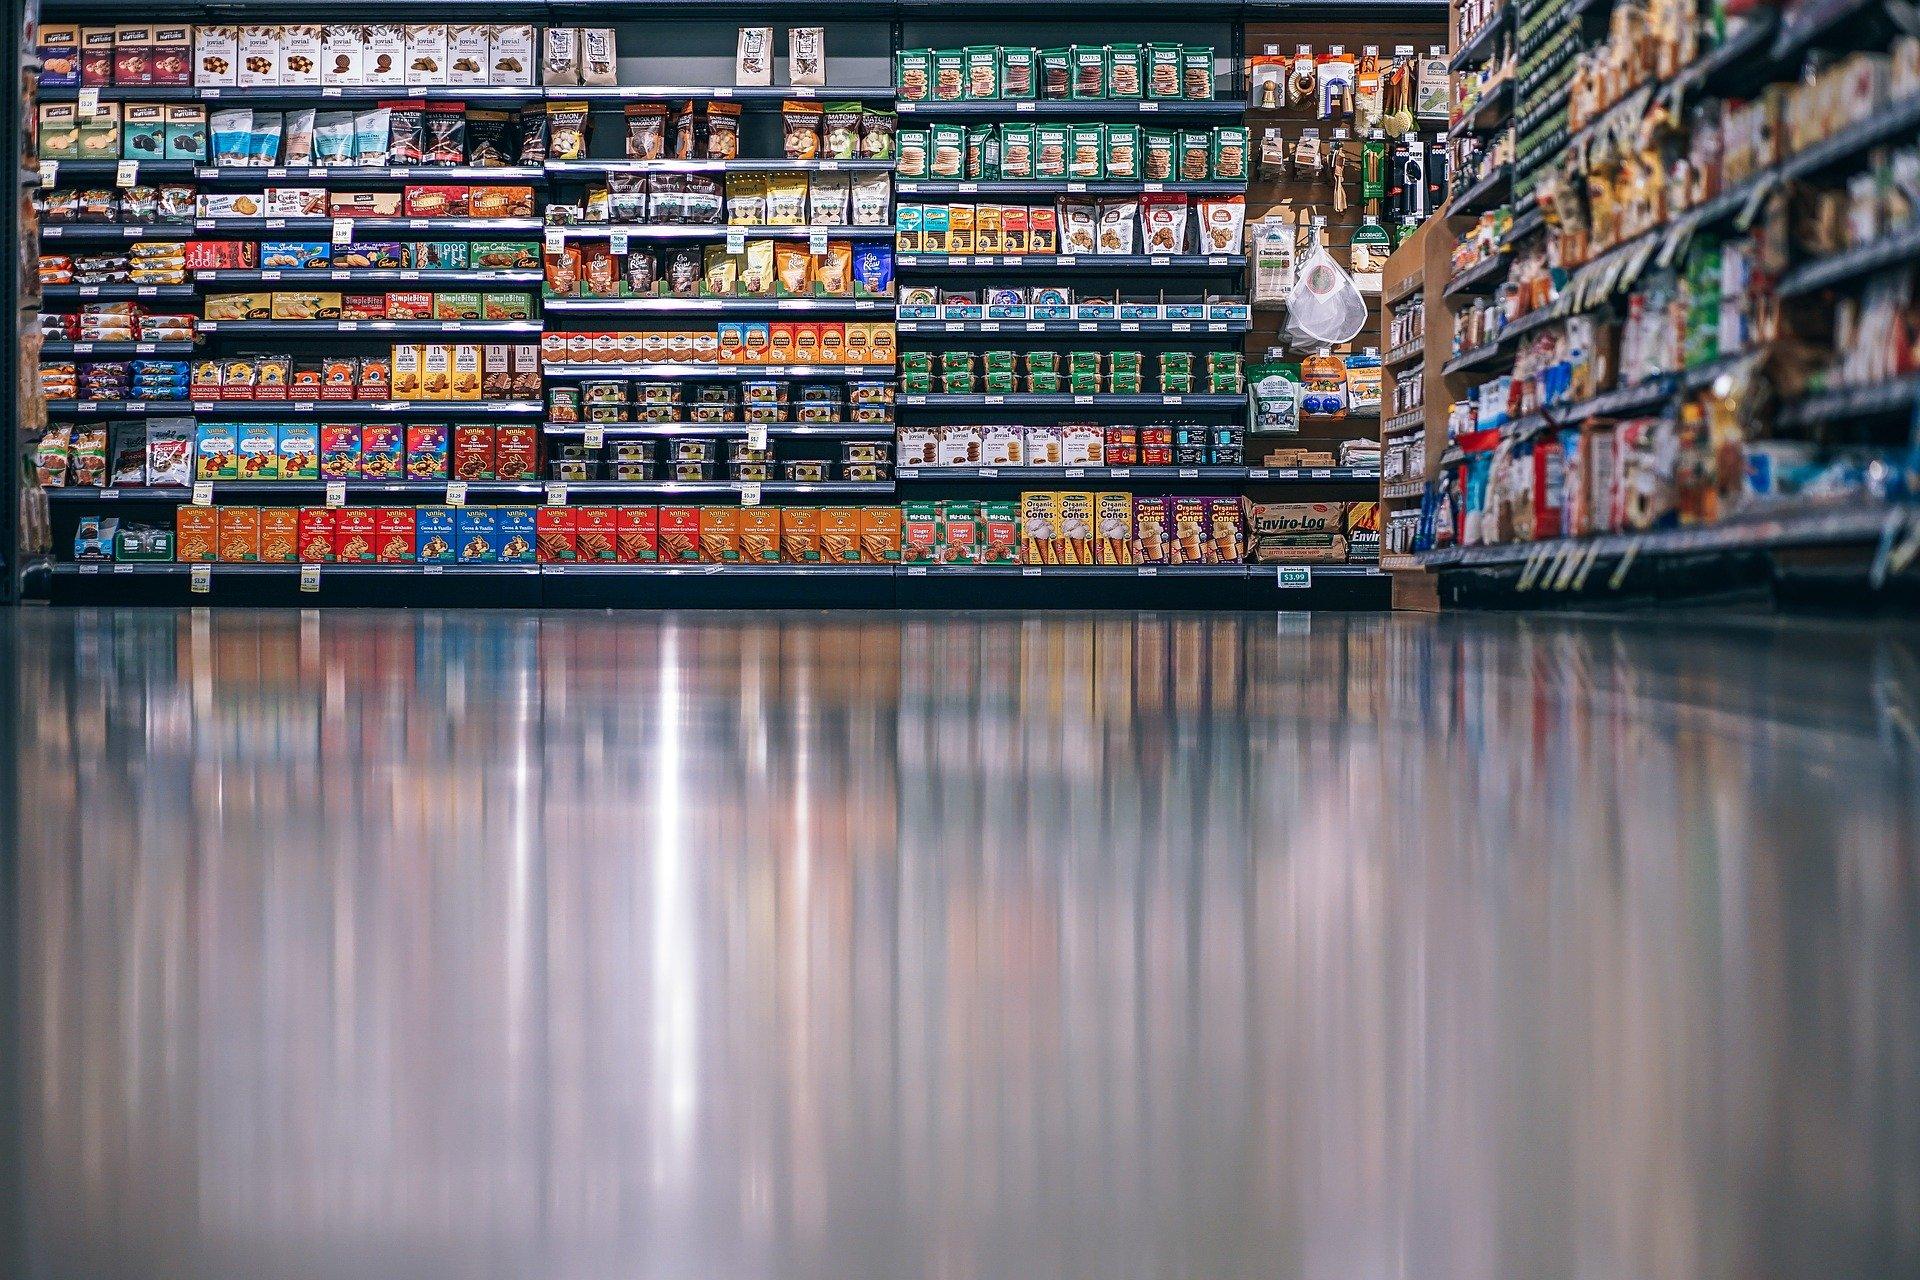 A shopping aisle